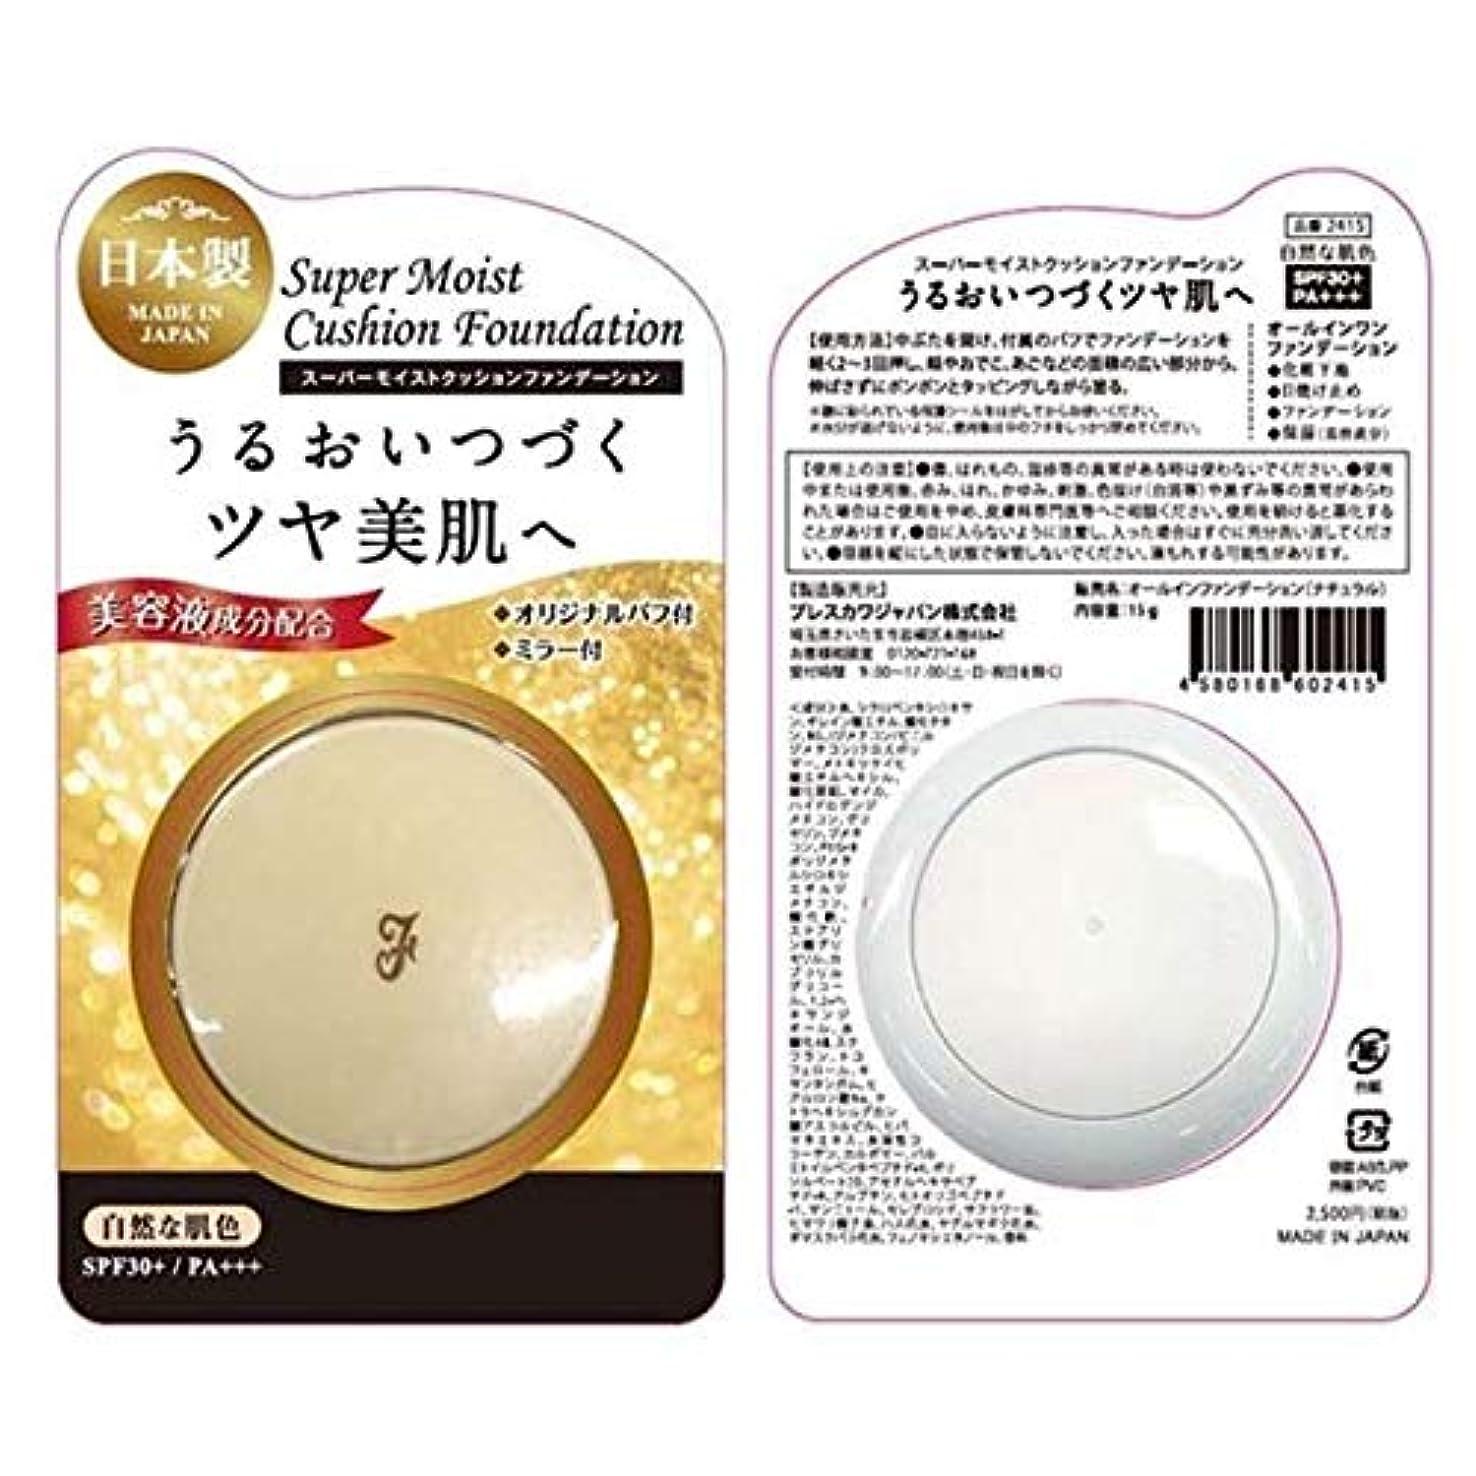 高価な東部毎週日本製●クッションファンデーション SPF30+ PA+++ 新色 自然な肌色 さらっとした使い心地 コスメ しっとりなめらか ファンデ